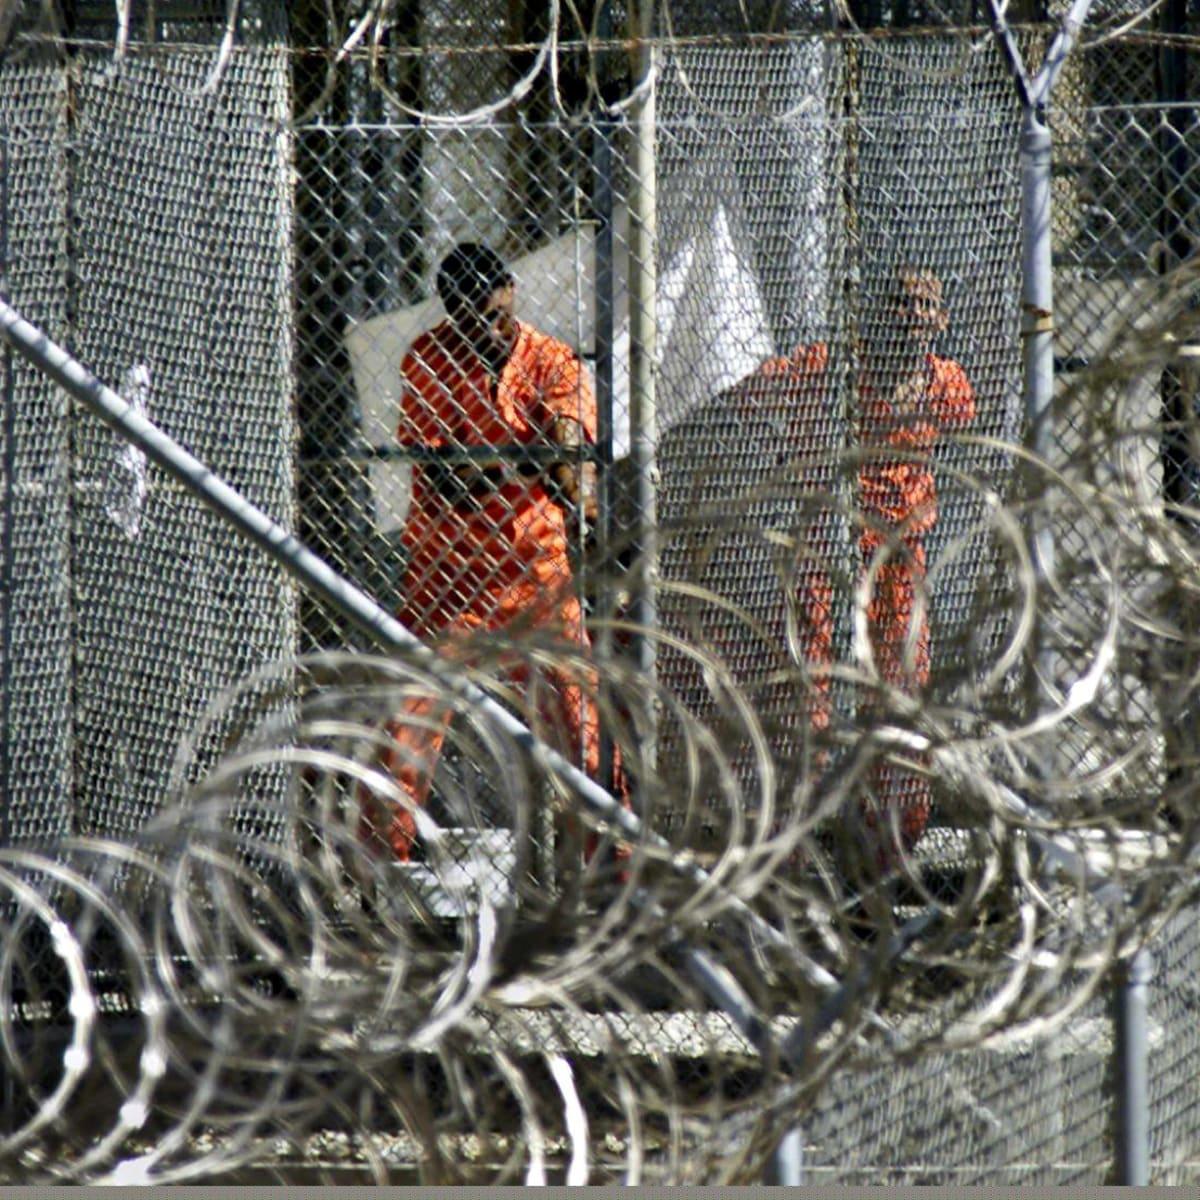 Oletettuja al-Gaida ja taleban taistelijoita  Guantanamo Bayn vankilassa 2002.